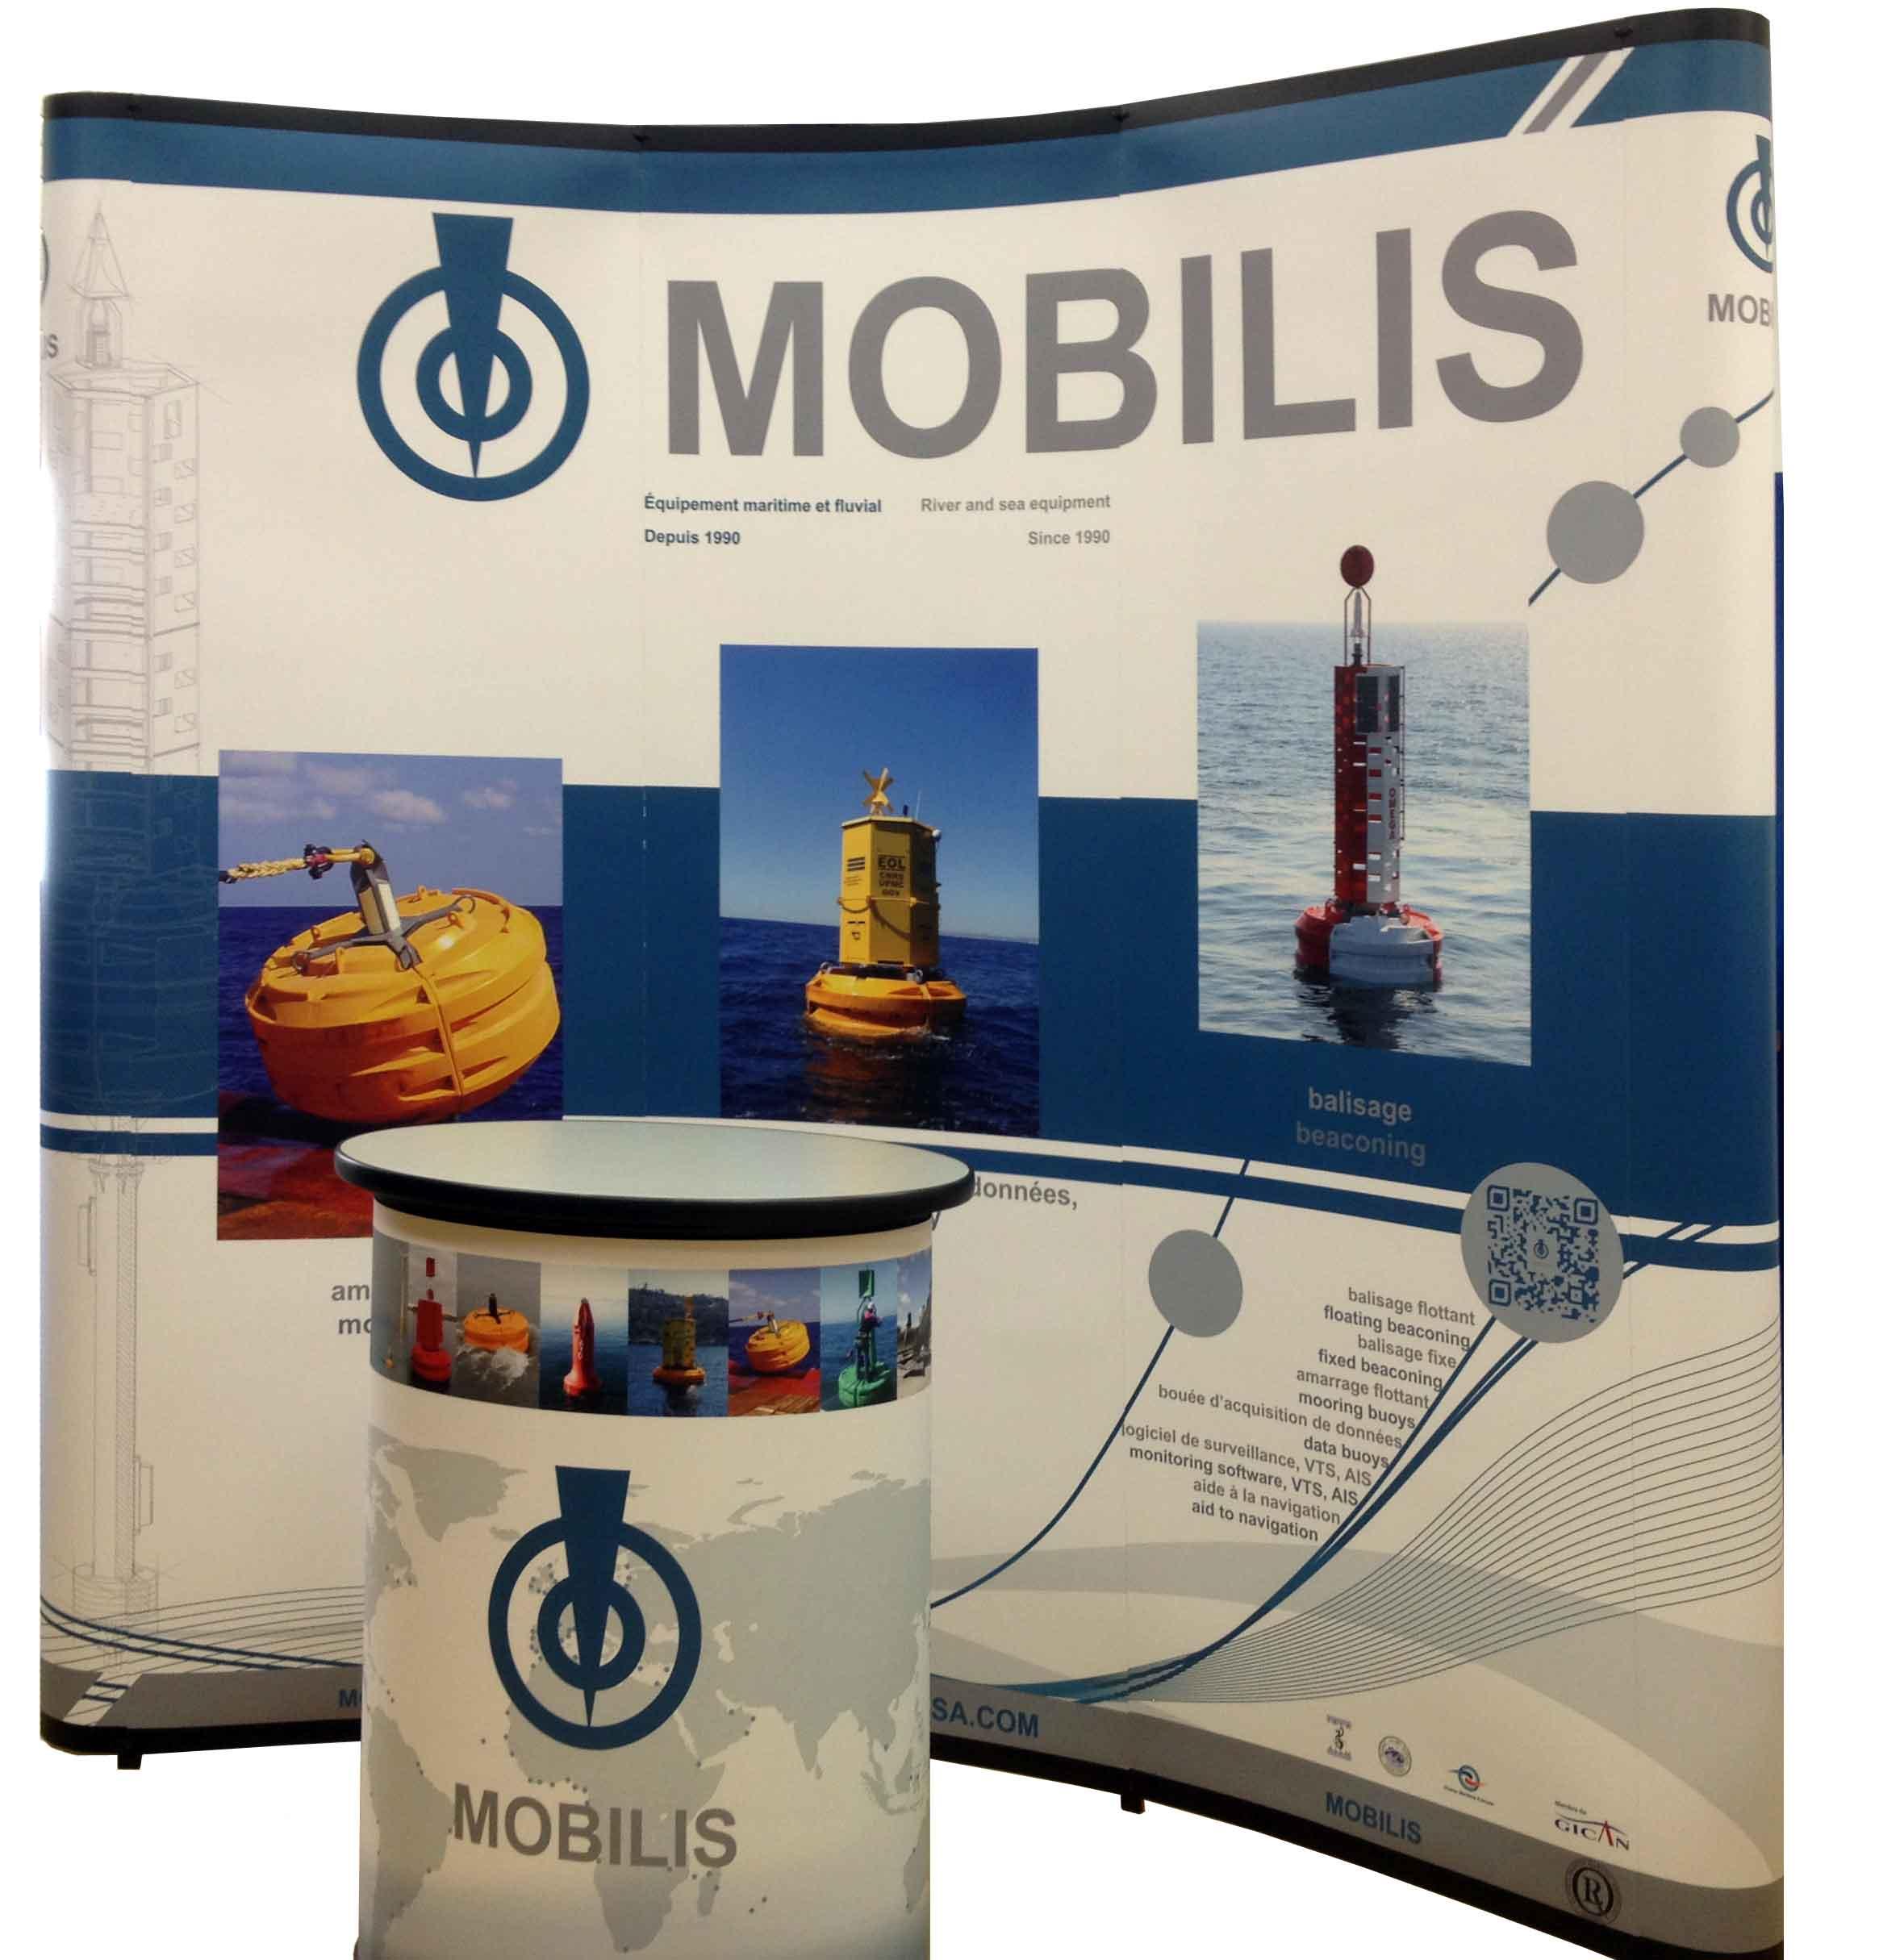 Mobilis PLV